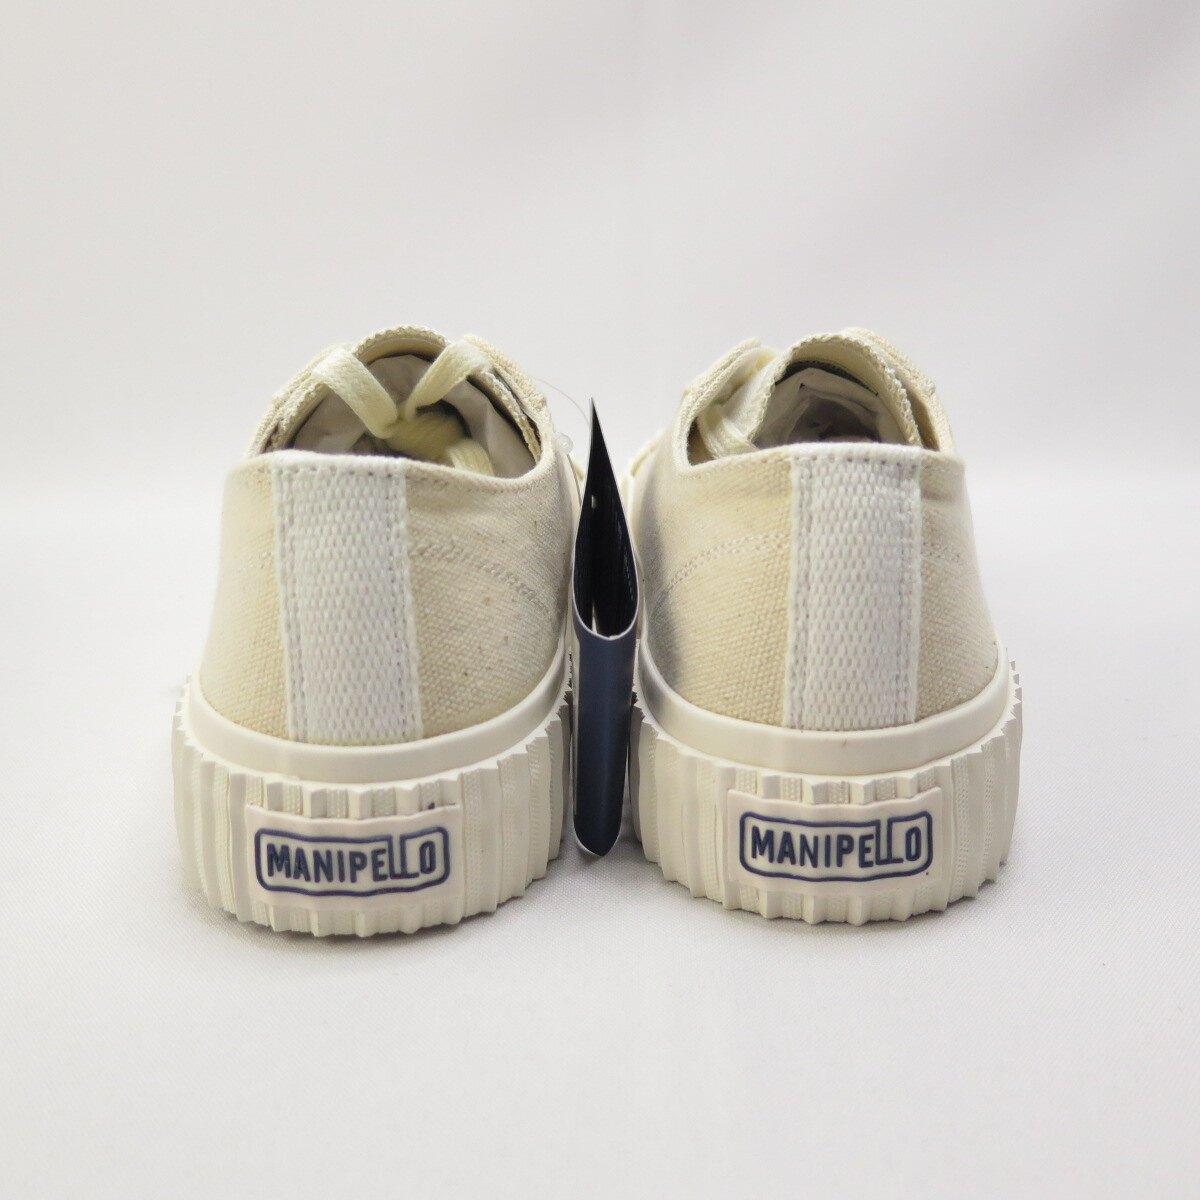 【滿額領券折$150】MANIPELLO MIX-IVY 帆布餅乾鞋 正品 FLMPAA1U21 男女款 奶茶色【iSport愛運動】